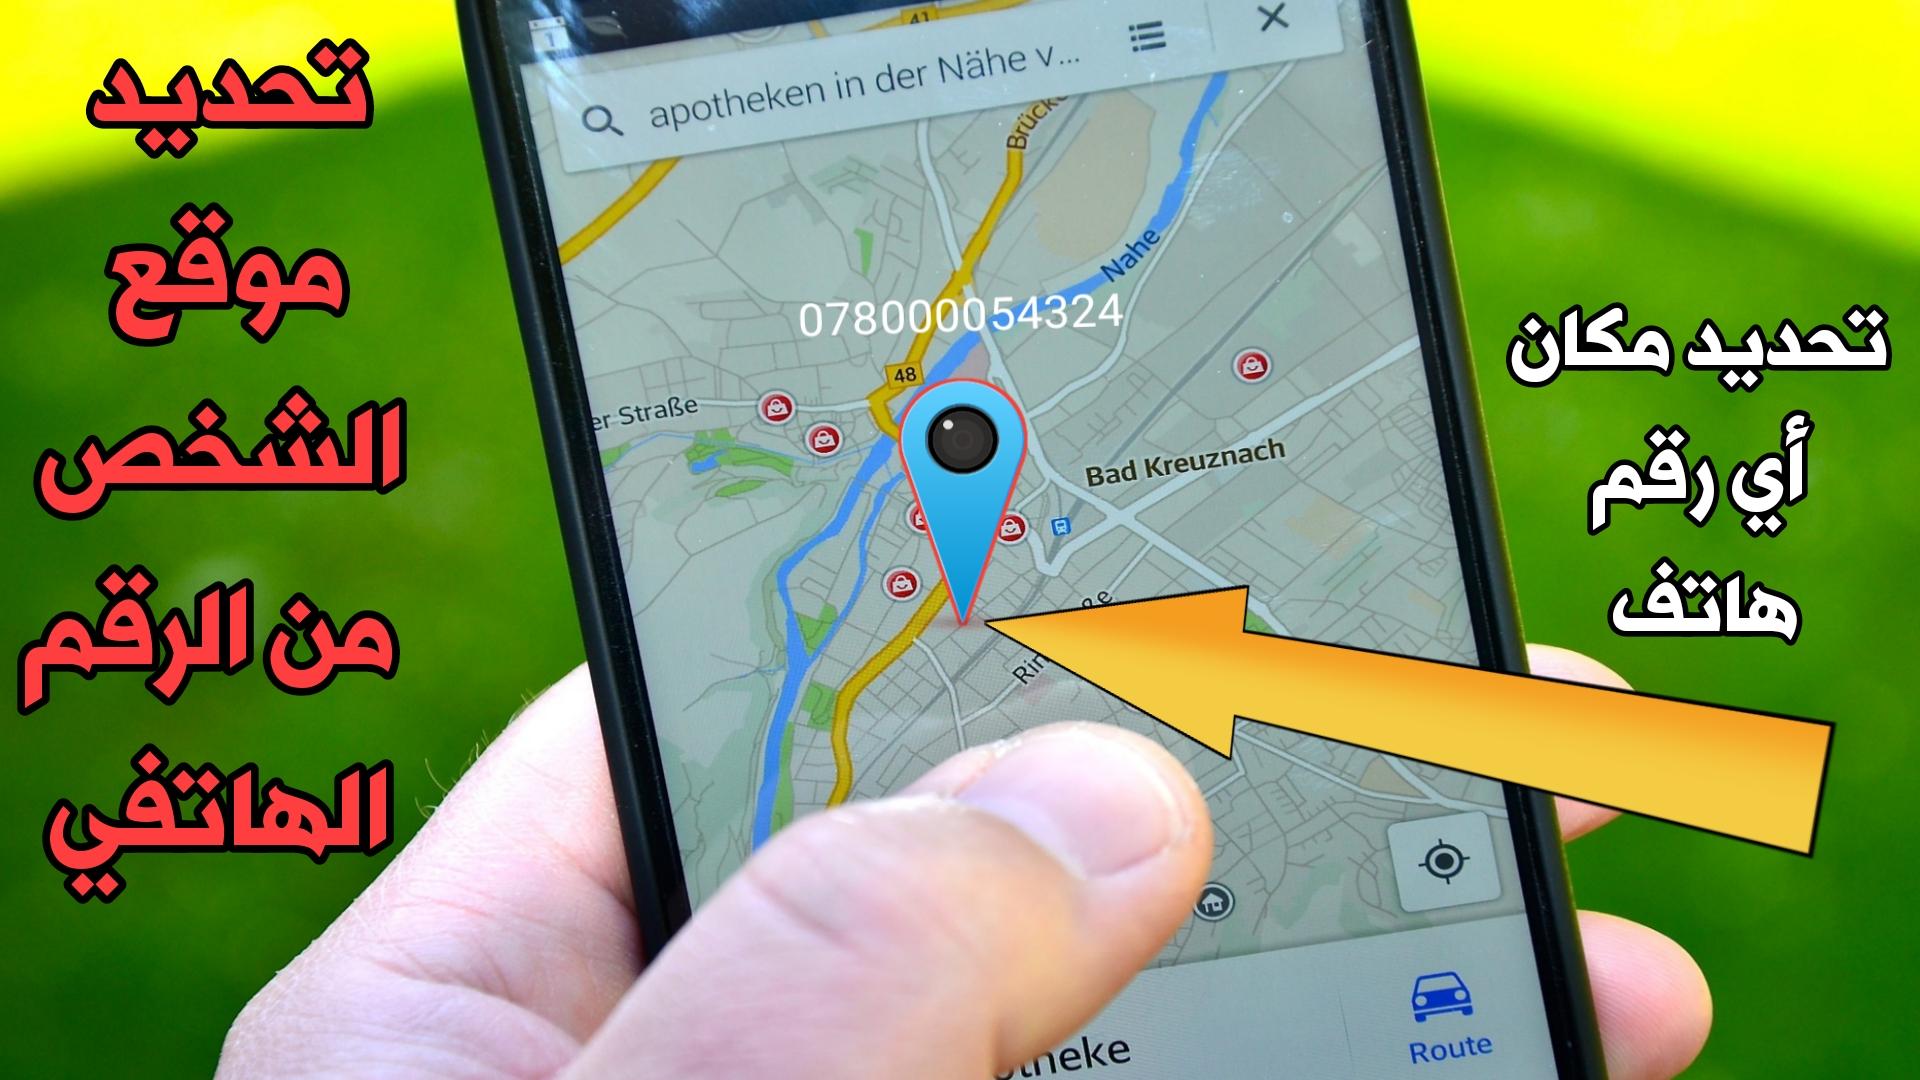 تحديد مكان الشخص عن طريق رقم الهاتف فقط تحديد موقع أي شخص من الرقم الهاتفي فقط مدونة المطور للمعلوماتية